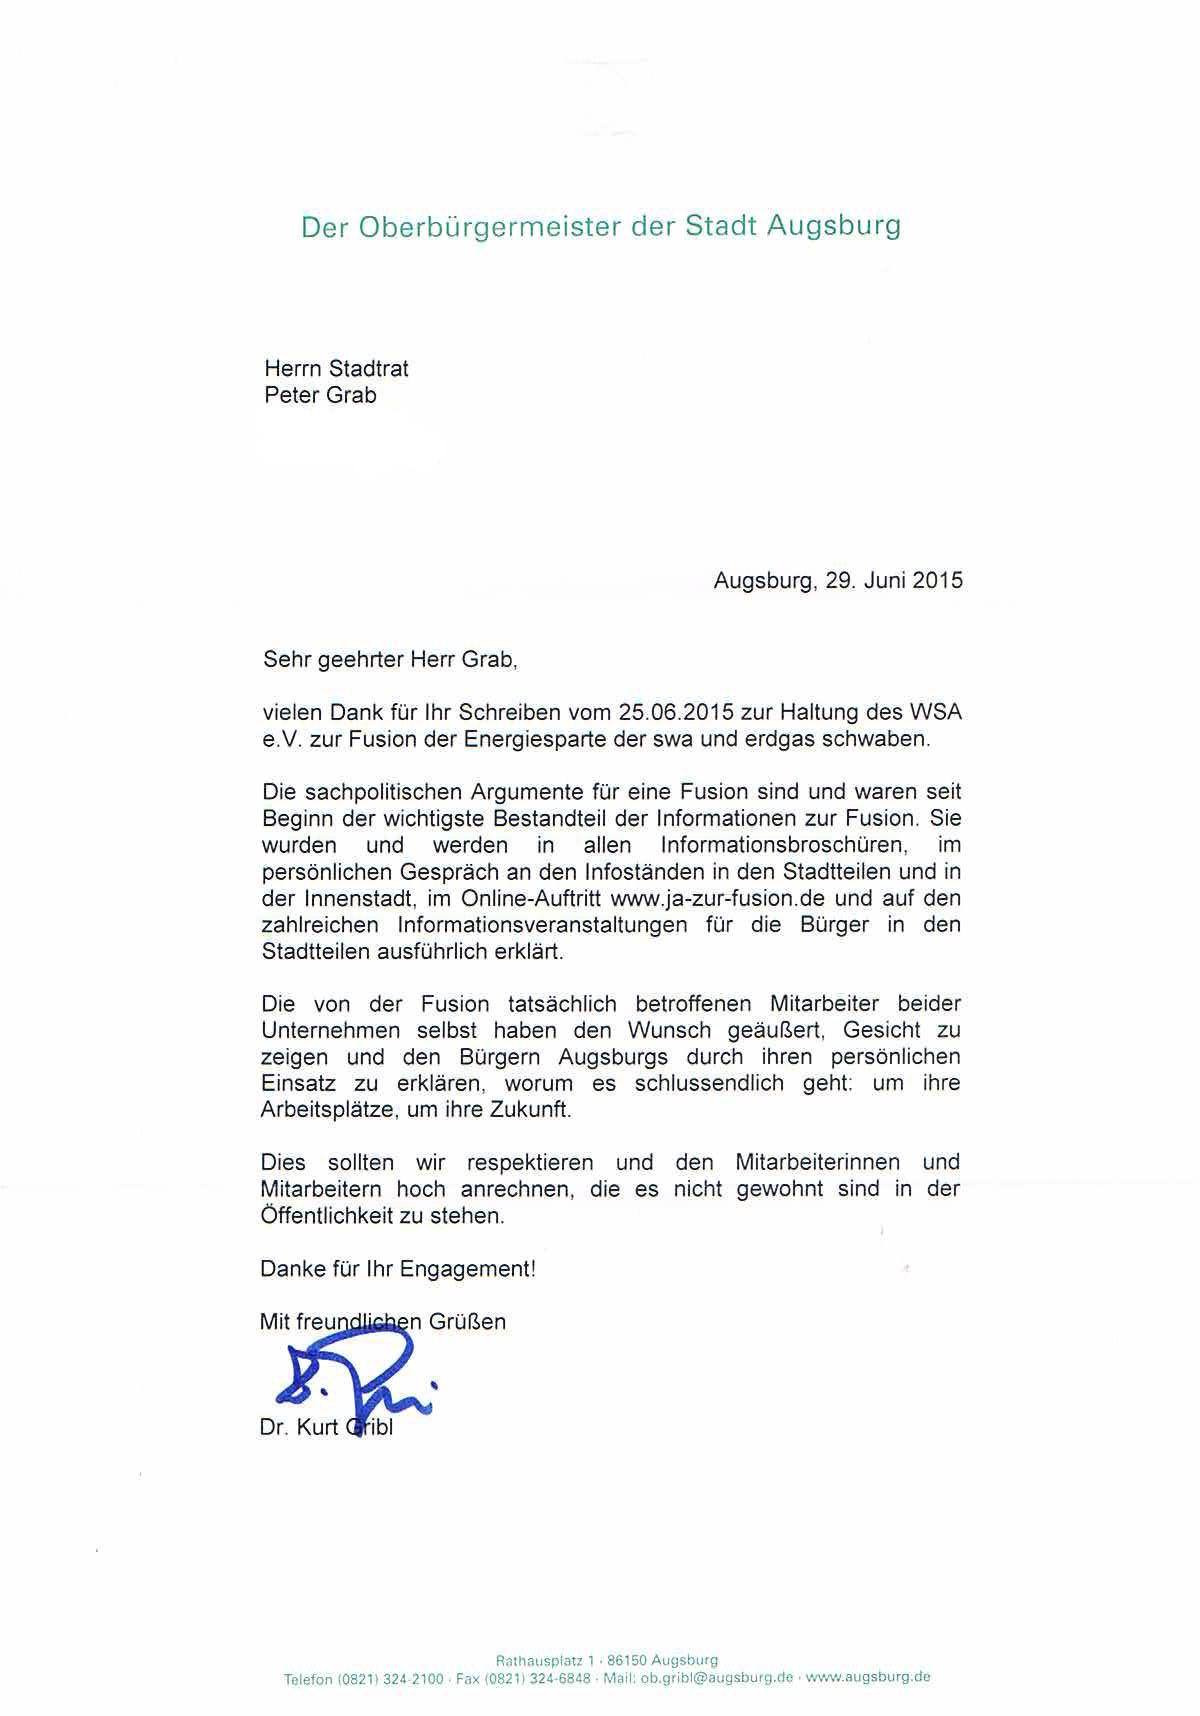 OB-Antwort vom 29.06.2015 wg. Mitarbeiter-Kampagne-001 mit verwischter Adresse